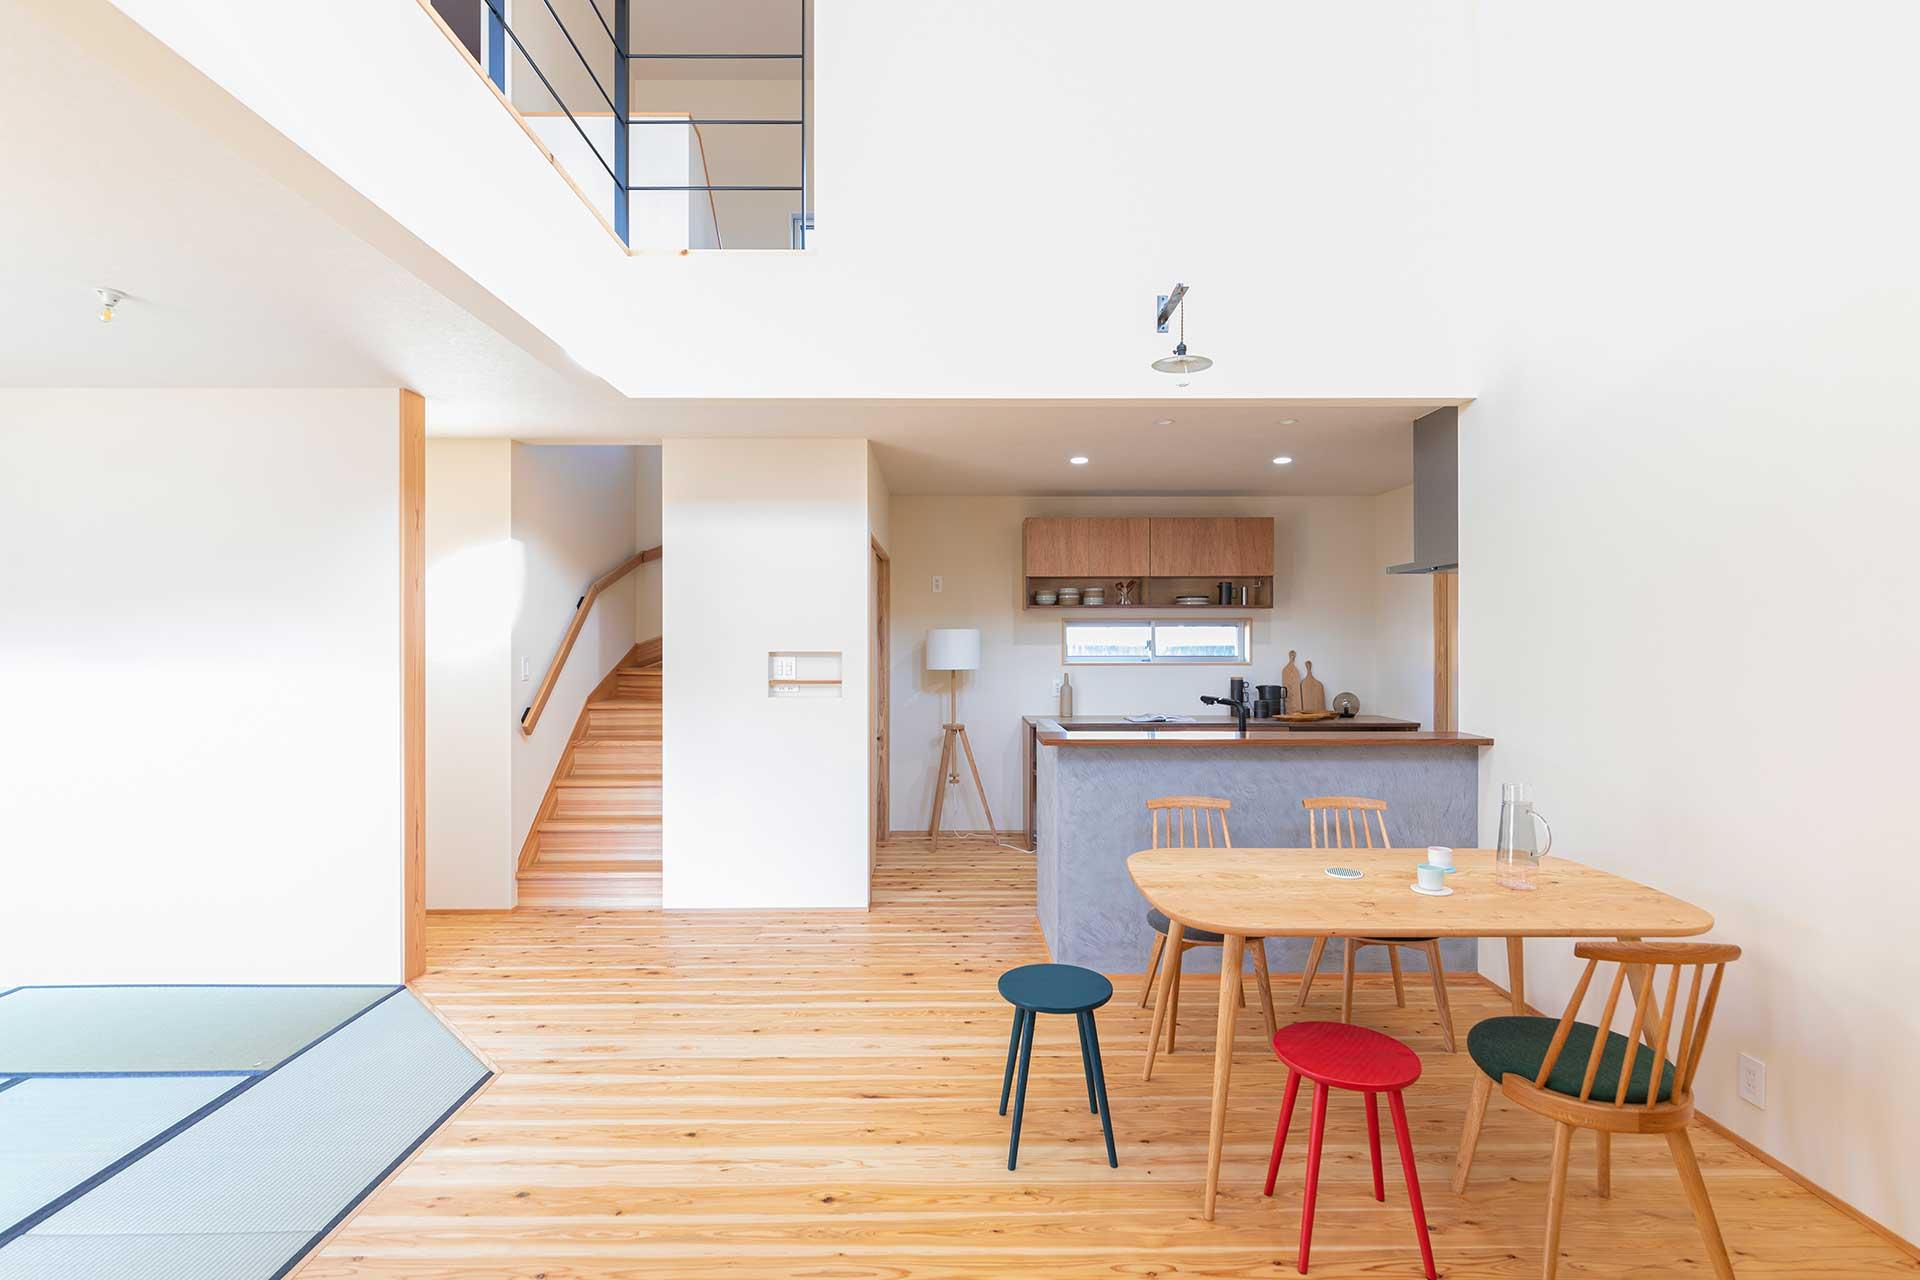 リビングを見渡せるキッチンは作業スペースを挟んでその対面にある作業台を兼ねた収納棚との間隔がゆったりと設ける。東島邸 里山建築